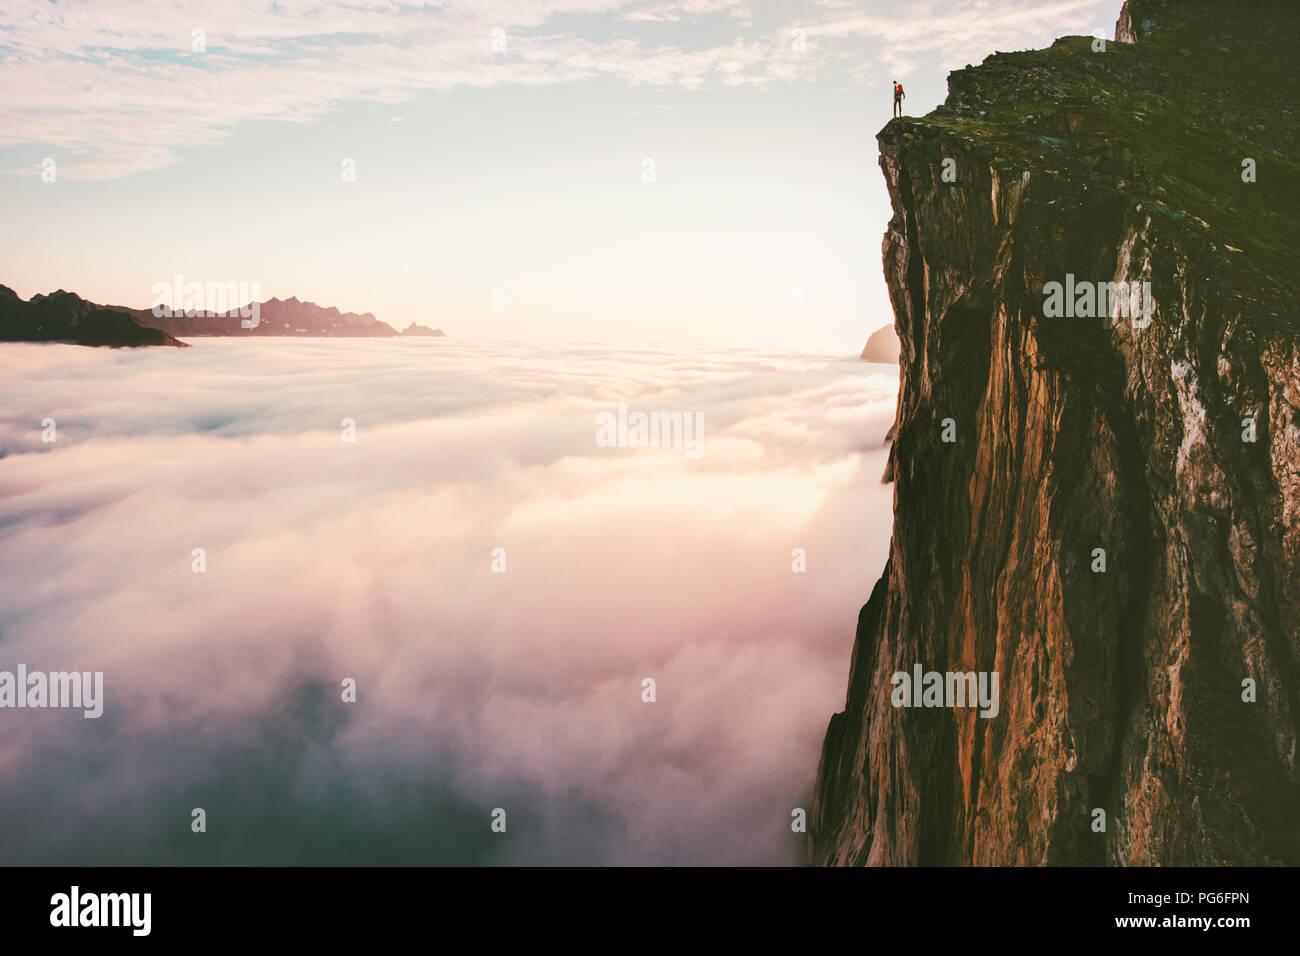 Le meilleur article sur le bord de la falaise au-dessus du haut de la montagne aventure voyage soleil nuages de l'été vacances vie voyage Photo Stock